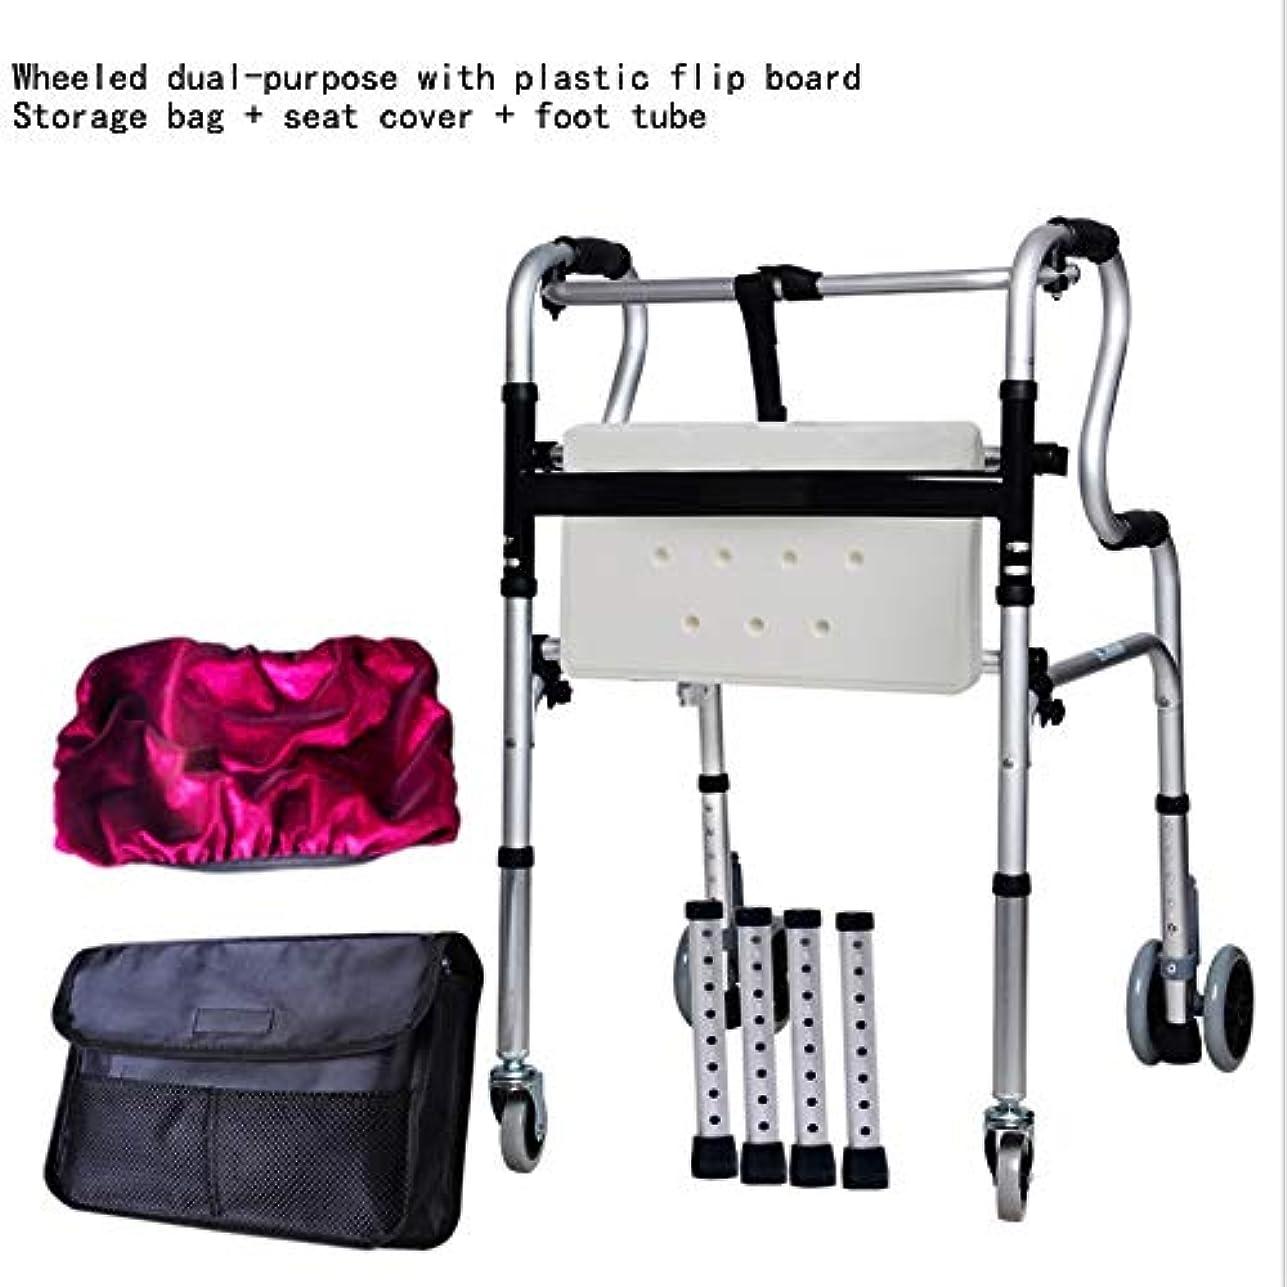 偽装する到着前書き滑車付き歩行補助器具、高齢者用および負傷者用シート付き折りたたみ式四輪歩行フレーム (Color : 白)